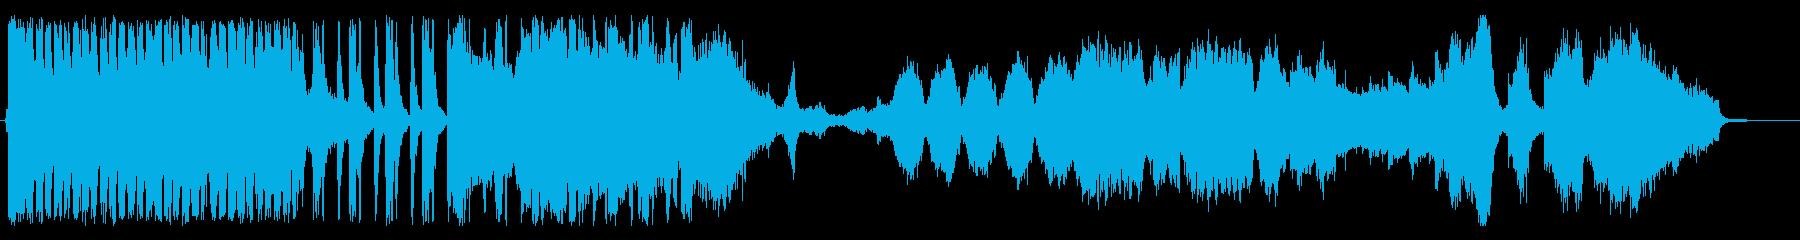 ファンタジー系スケール大きめ劇版の再生済みの波形